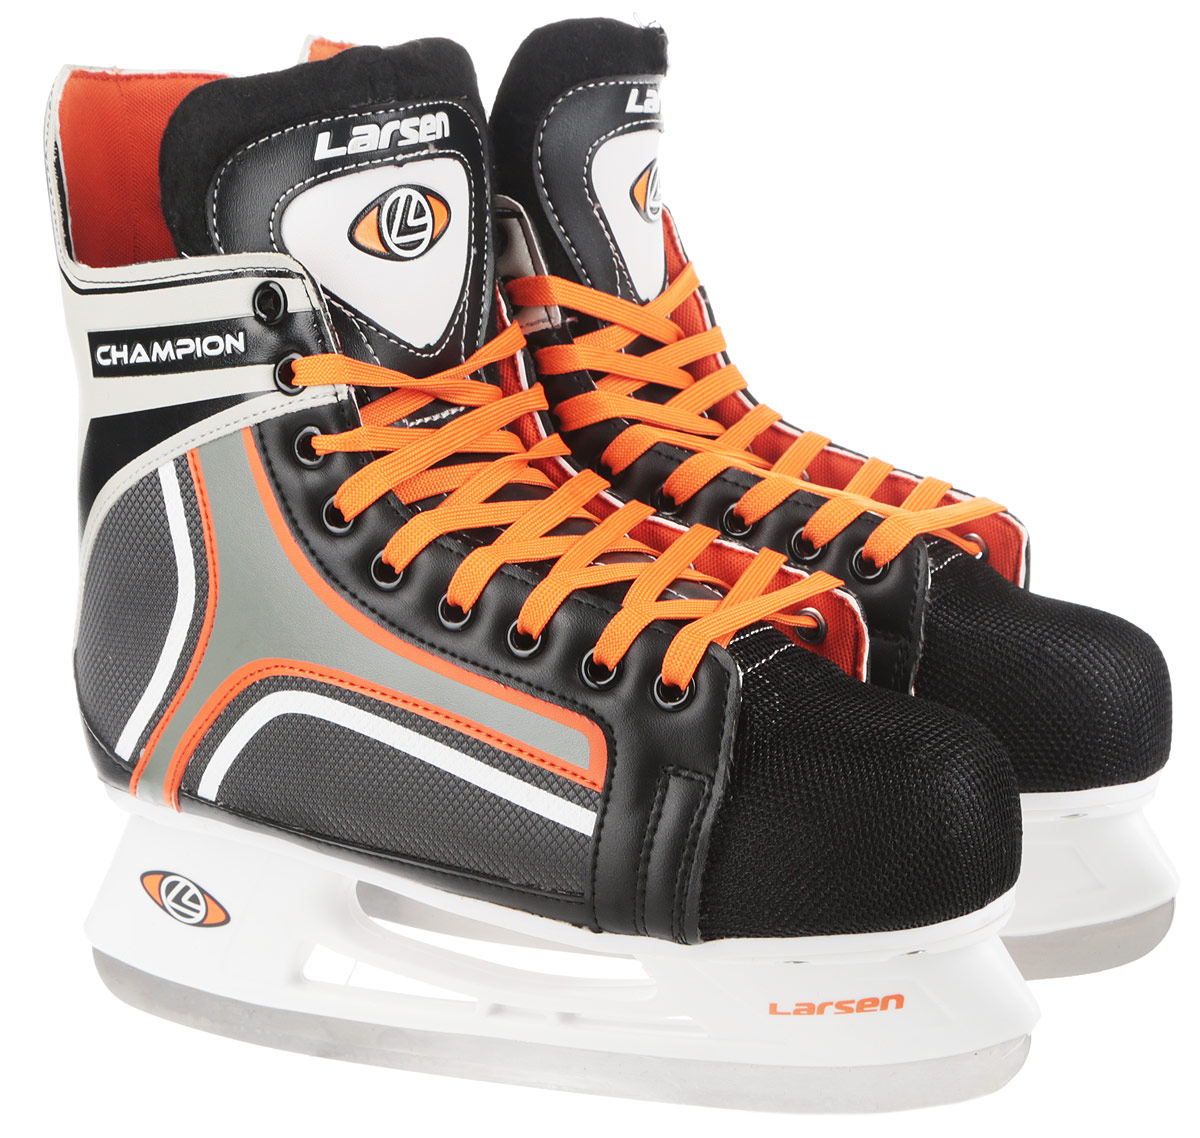 Коньки хоккейные мужские Larsen Champion, цвет: черный, белый, оранжевый. Размер 43ChampionСтильные коньки Champion от Larsen прекрасно подойдут для начинающих игроков в хоккей.Ботинок выполнен из морозоустойчивого поливинилхлорида. Мыс дополненвставкой из полипропилена, покрытого сетчатым нейлоном, которая защитит ноги от ударов.Внутренний слой изготовлен измягкого текстиля, который обеспечит тепло и комфорт во время катания, язычок - из войлока.Плотная шнуровка надежно фиксирует модель на ноге. Голеностоп имеет удобный суппорт. Стелька из EVA с текстильной поверхностью обеспечит комфортное катание. Стойкавыполнена из ударопрочного полипропилена. Лезвие из нержавеющей стали обеспечитпревосходное скольжение. В комплект входят пластиковые чехлы для лезвий. Температура использования до -20°С.